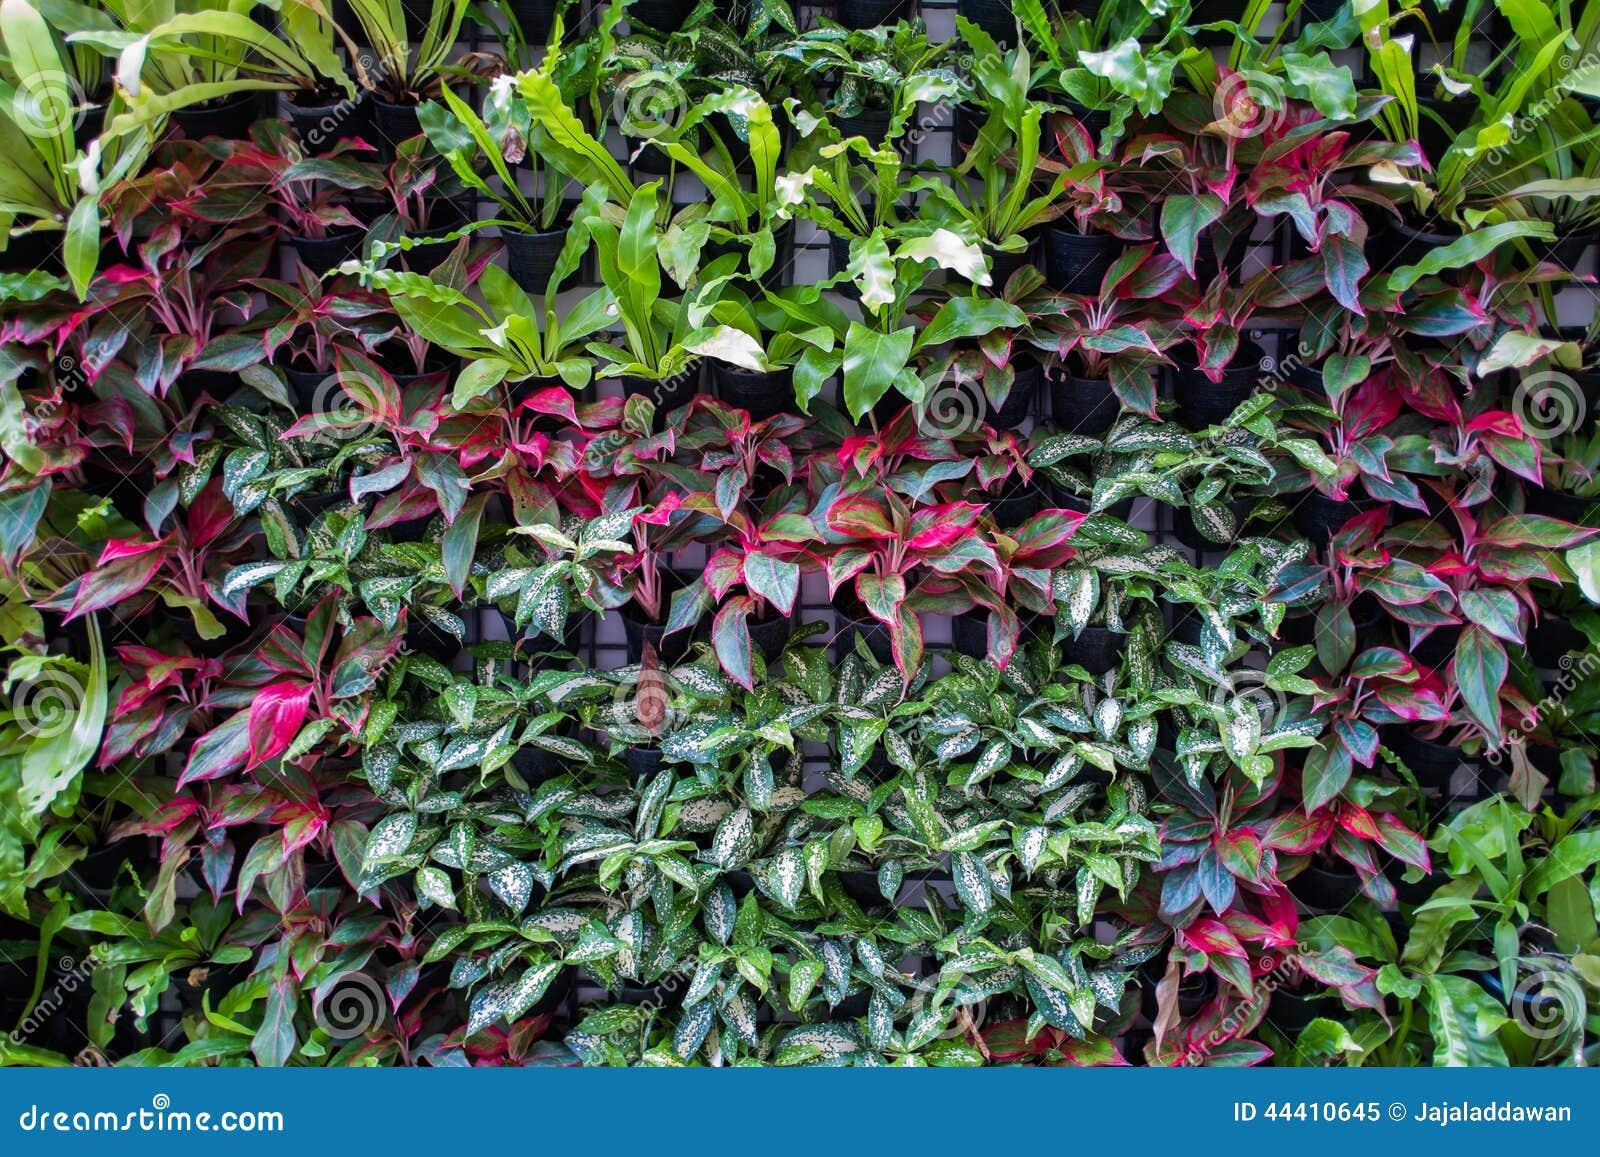 Vertical Tropical Garden Stock Photo Image 44410645